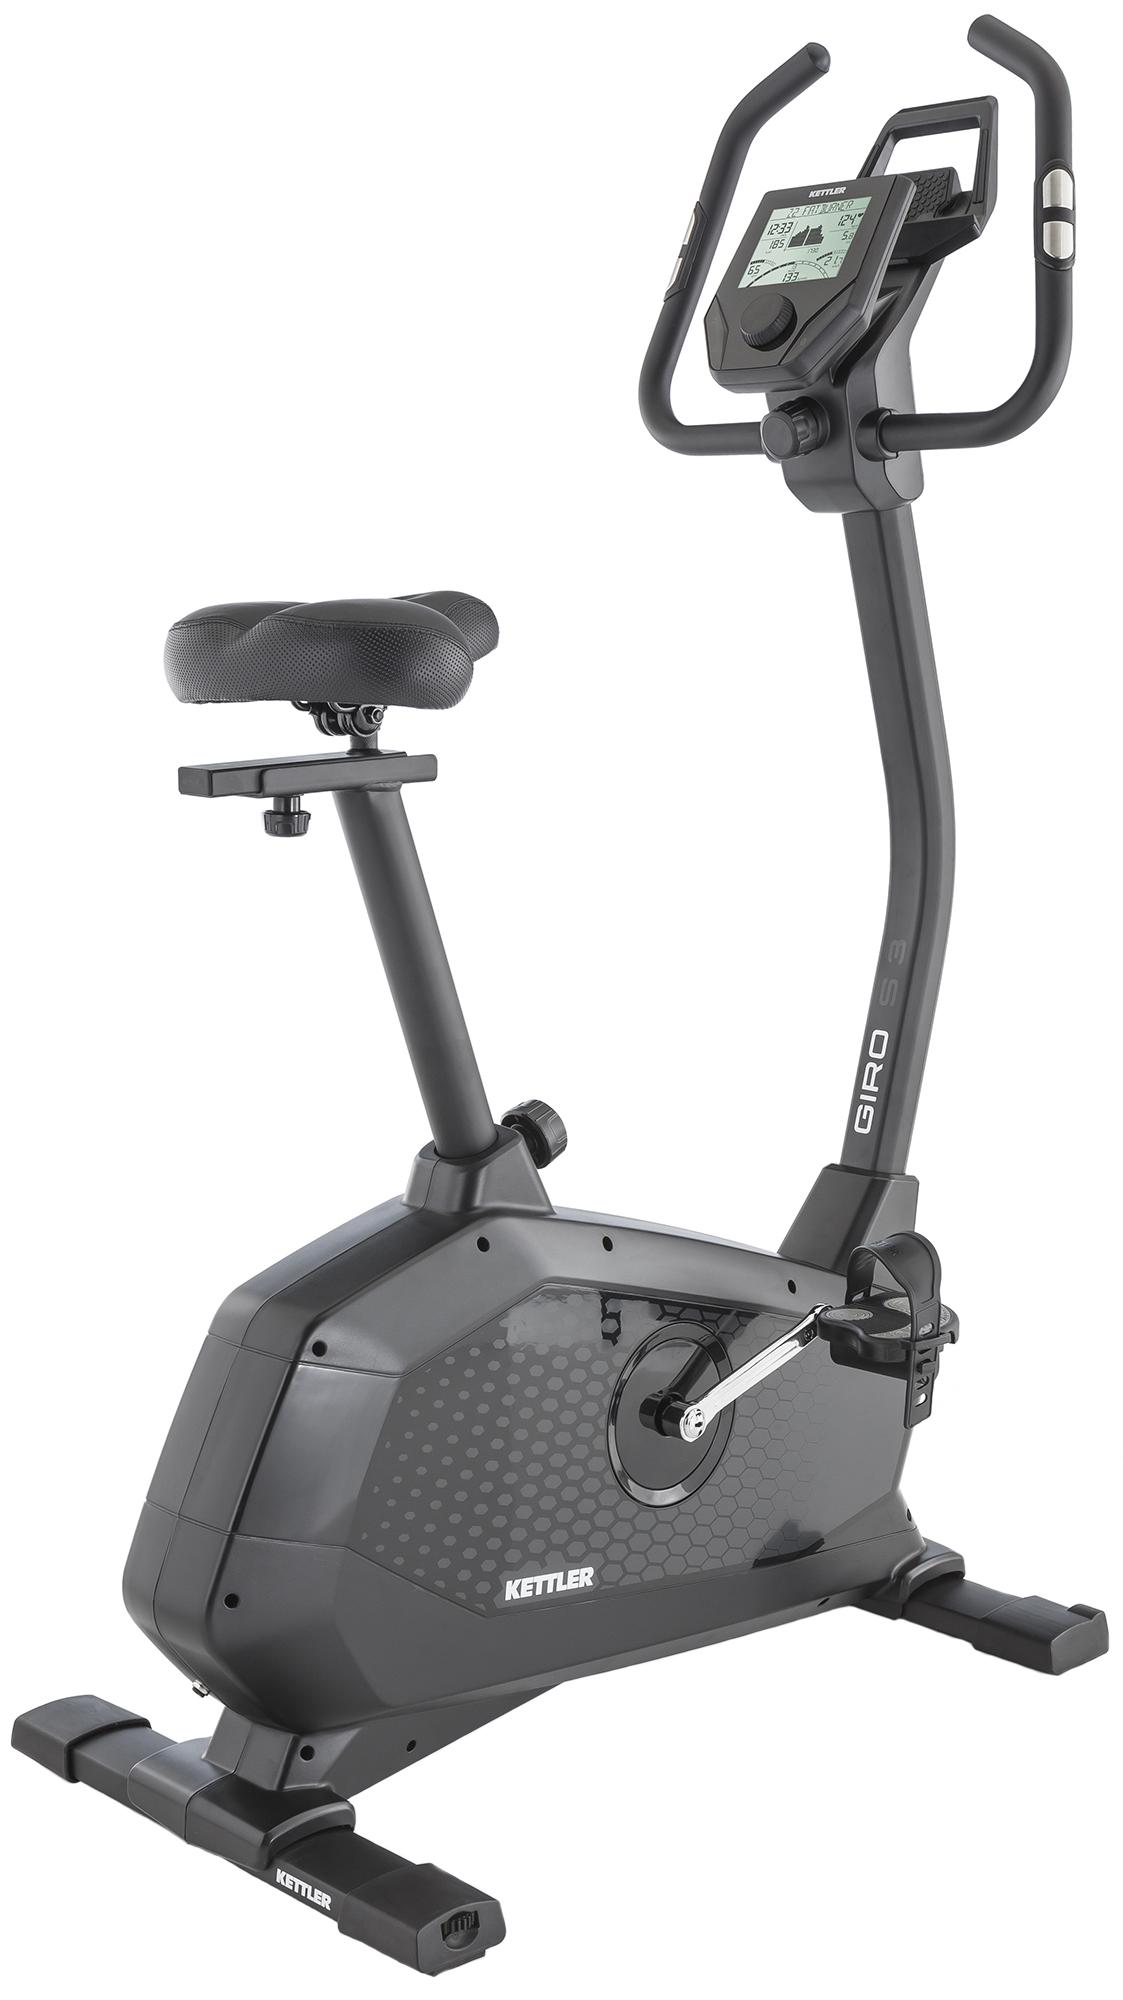 Kettler Велотренажер магнитный Giro S3 цена